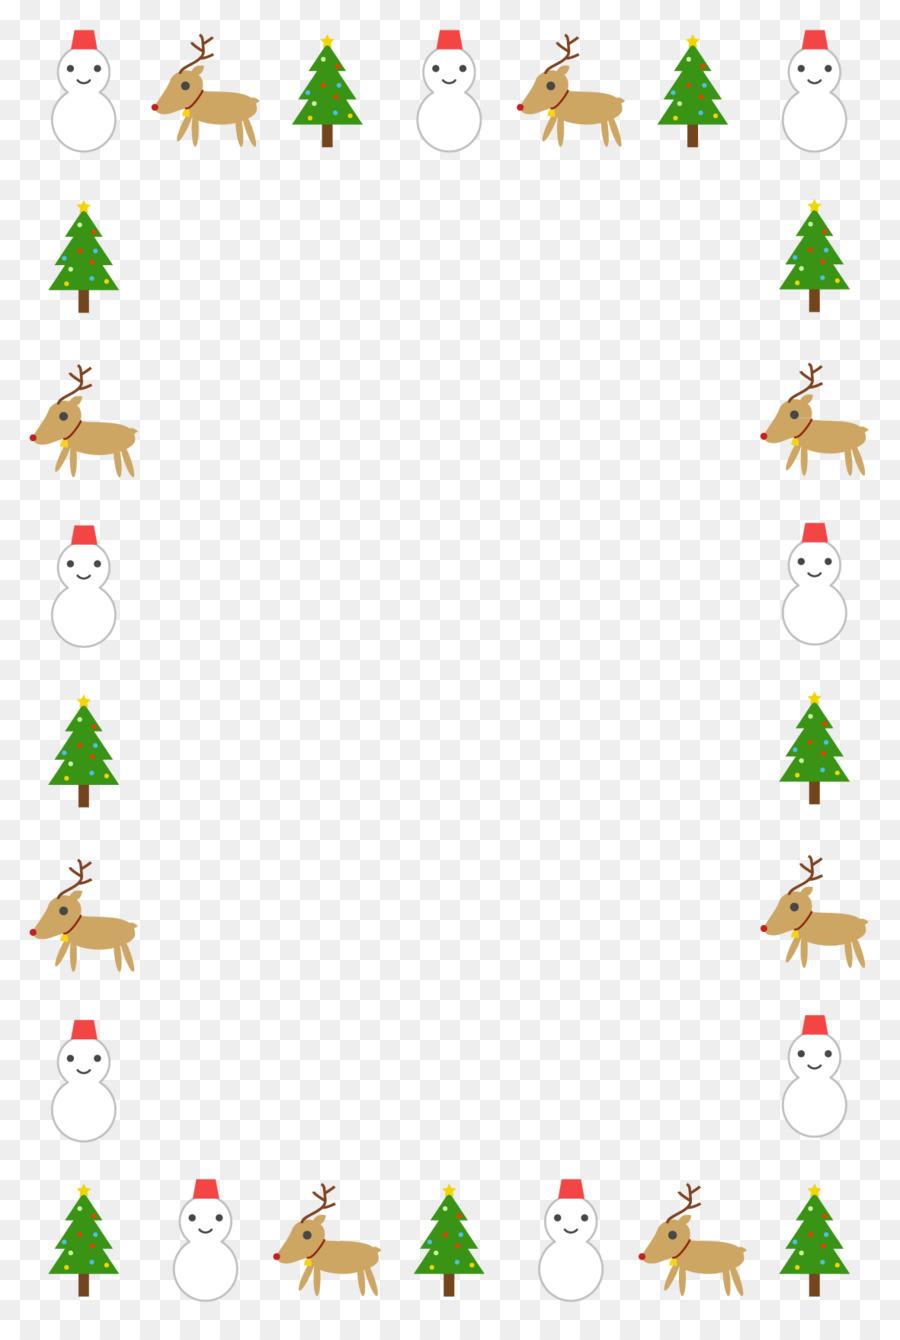 Leasing Weihnachtsbaum.Weihnachtsmann Weihnachten Illustration Weihnachtsbaum Rentier